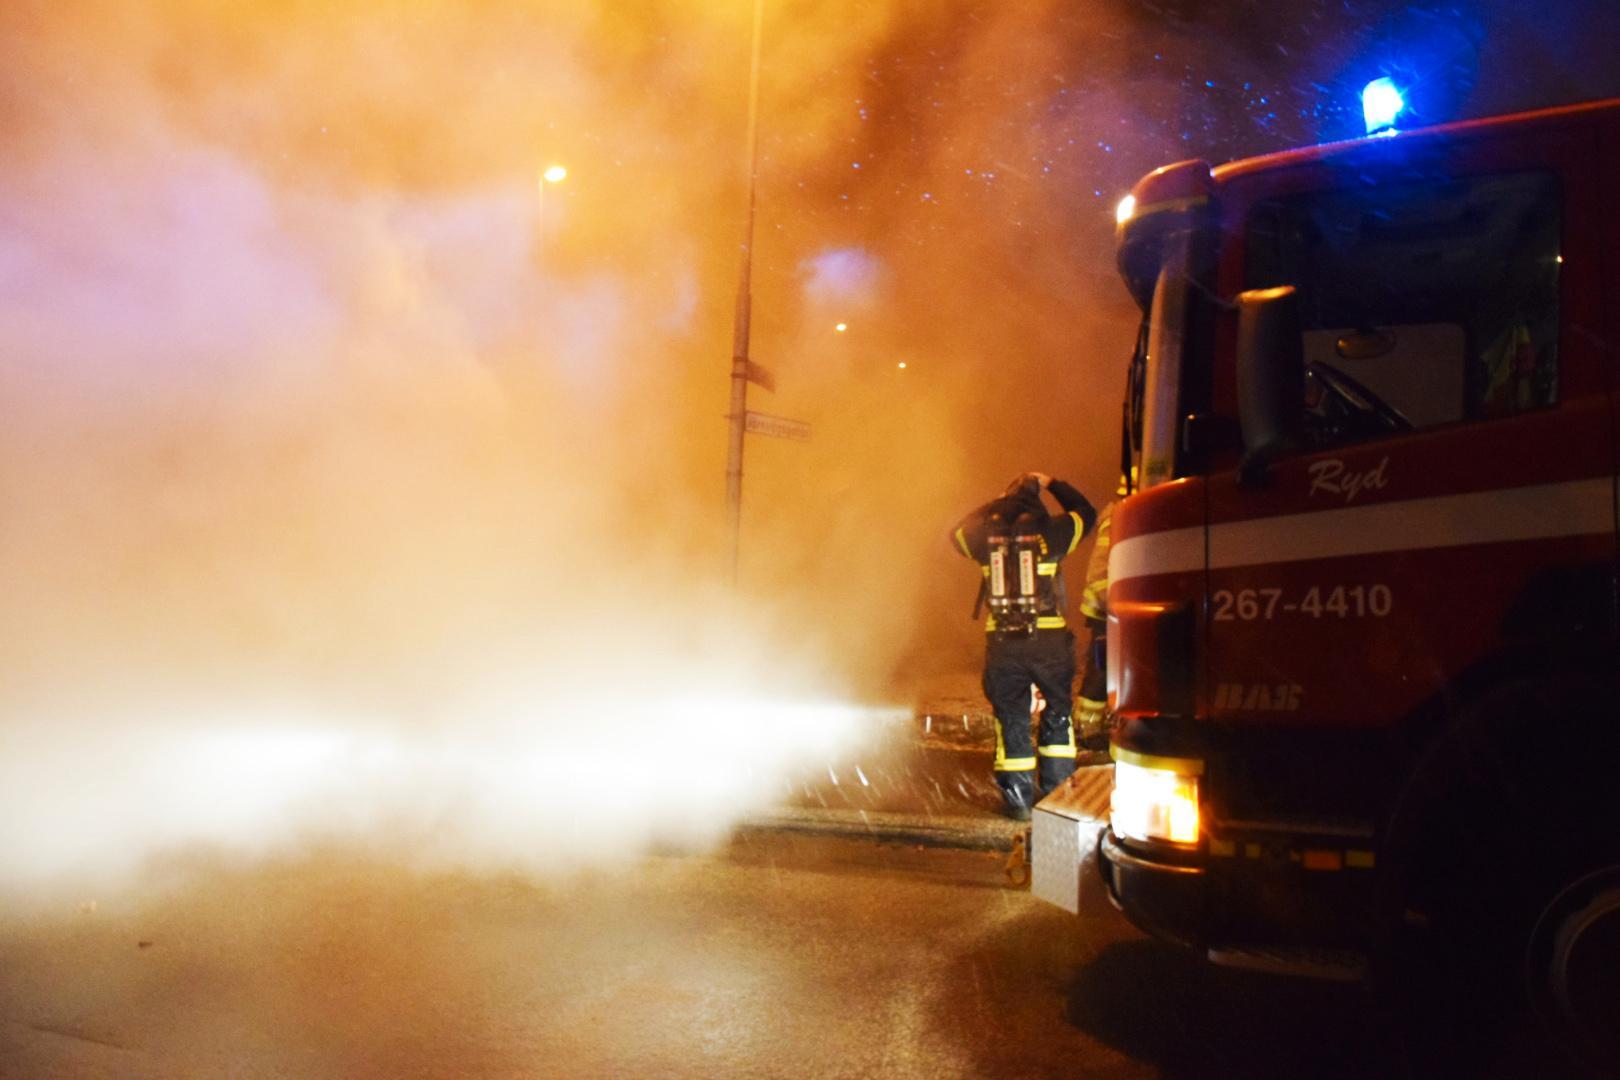 Pizzerian var stängd för kvällen när branden startade. Totalt deltog tolv fordon från räddningstjänsten och två ambulanser i insatsen.